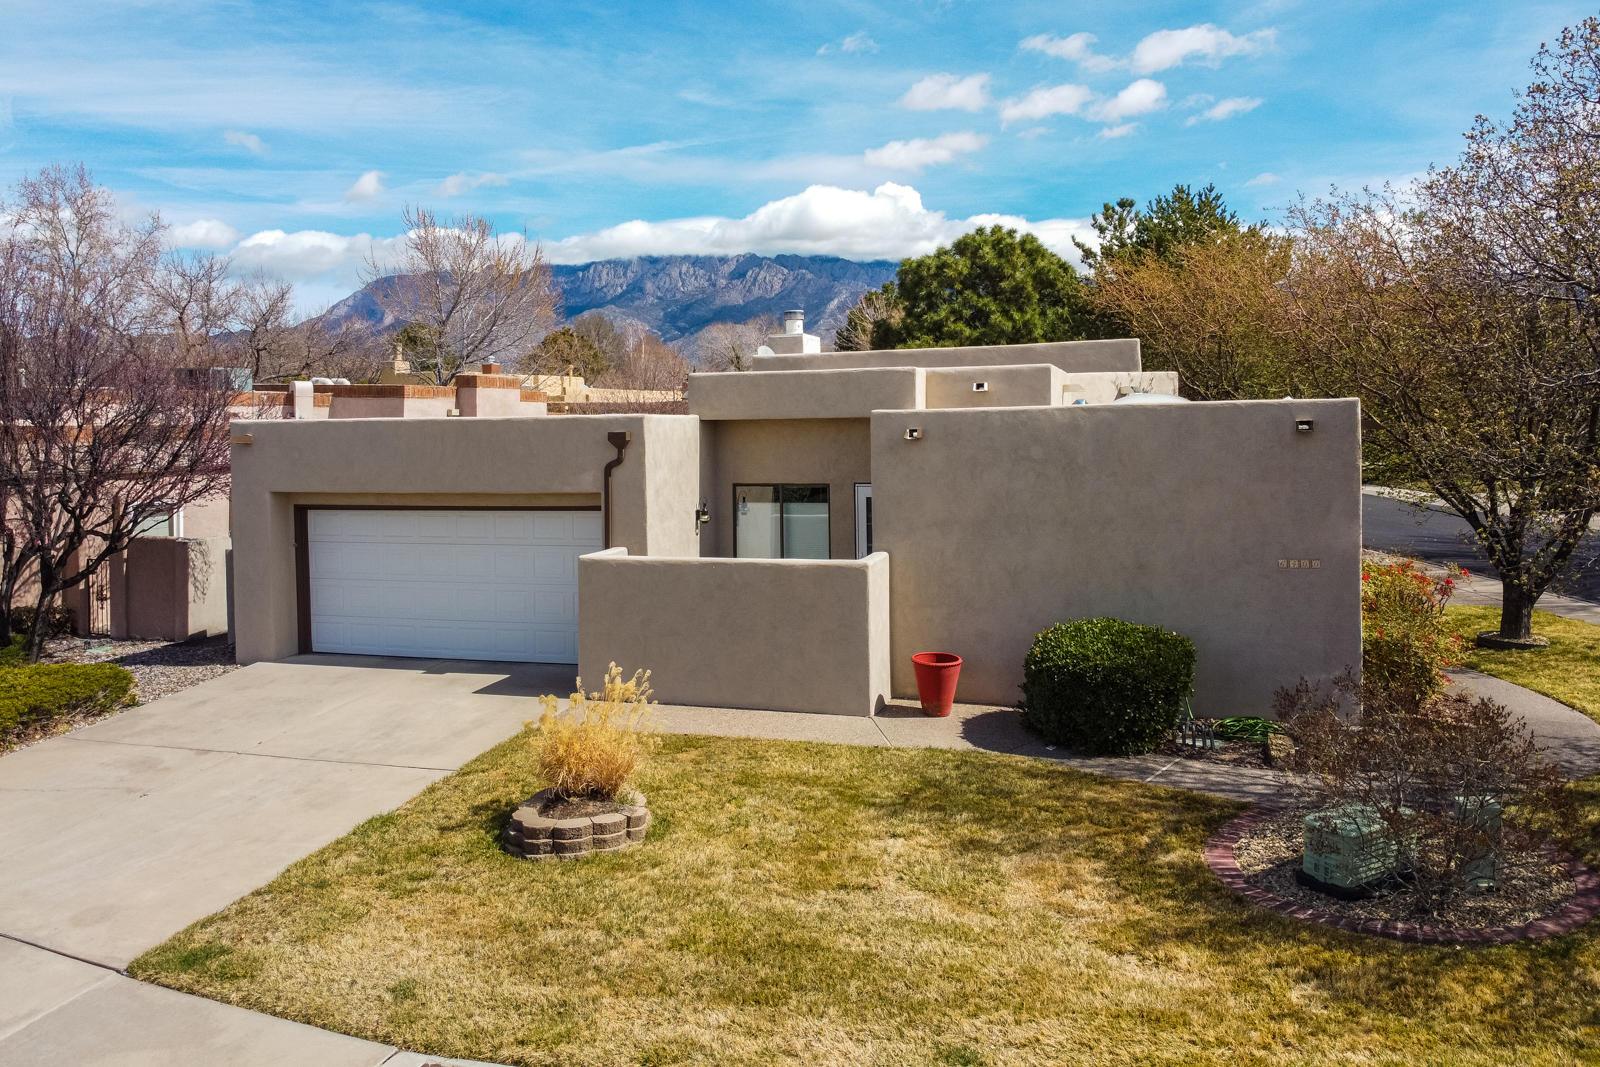 6400 TURNBERRY Lane, Albuquerque NM 87111